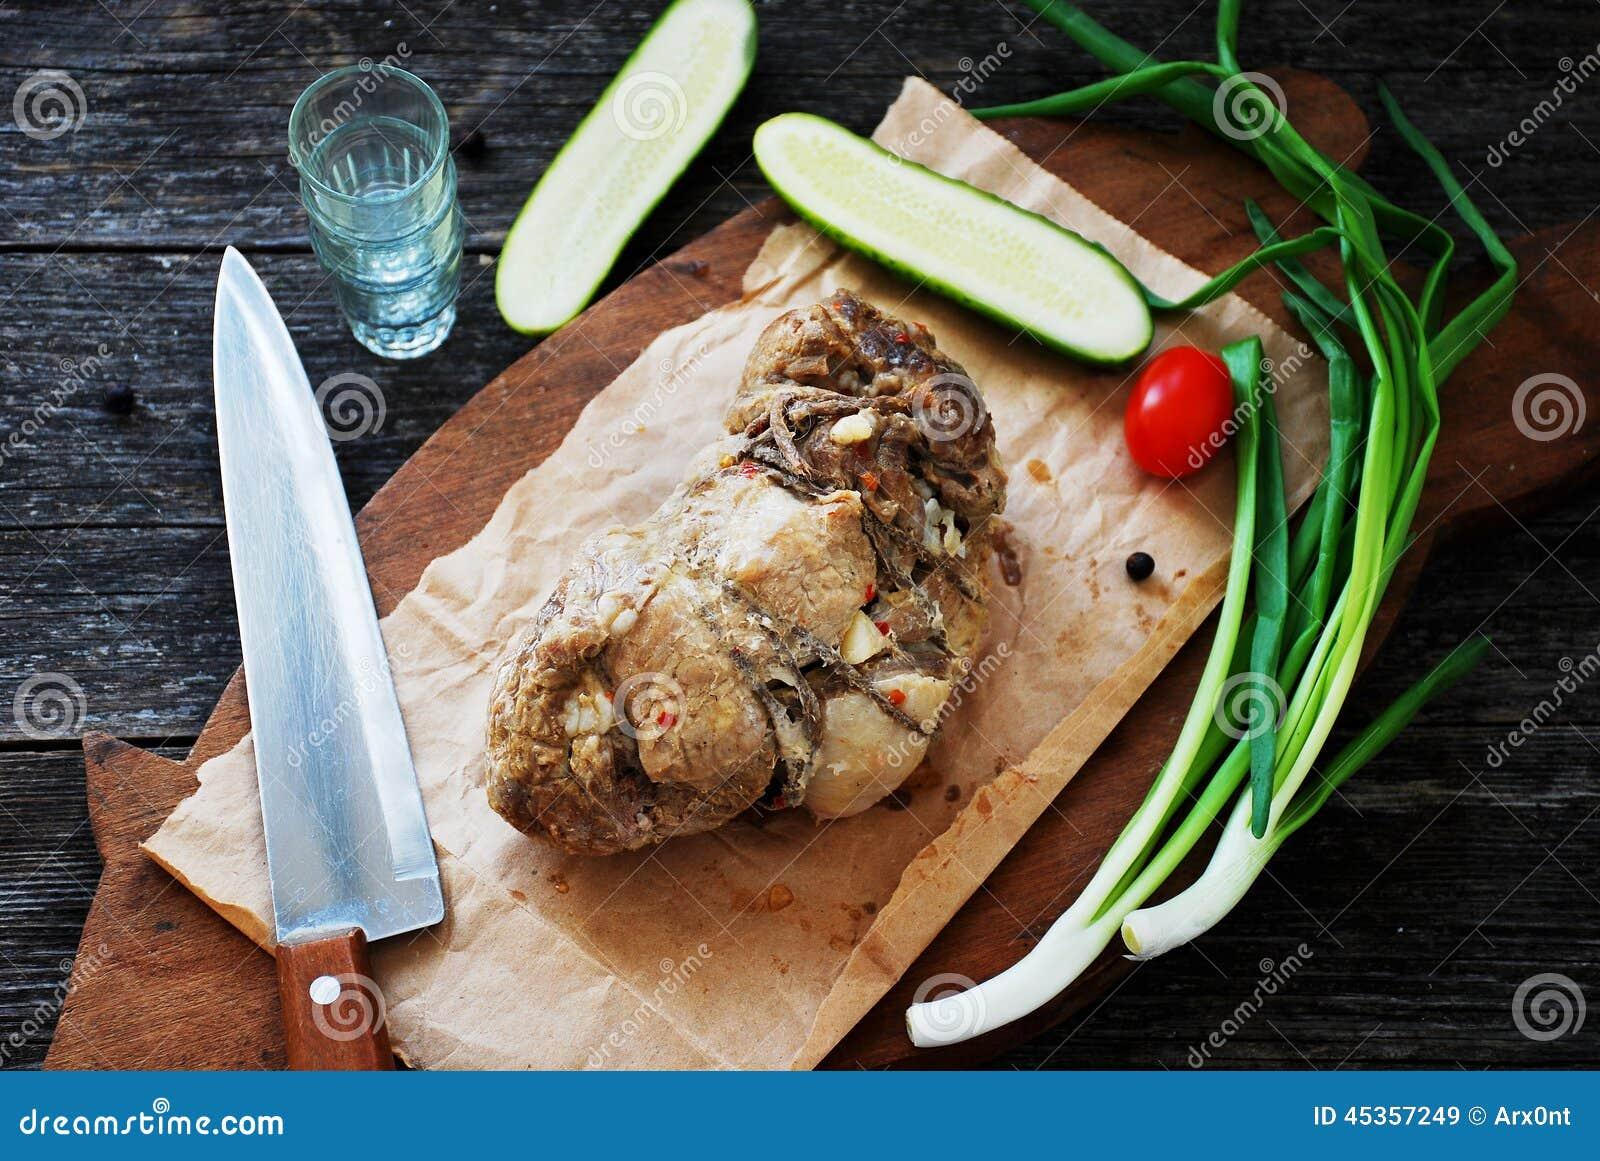 Épaule rôtie de porc sur la planche à découper en bois